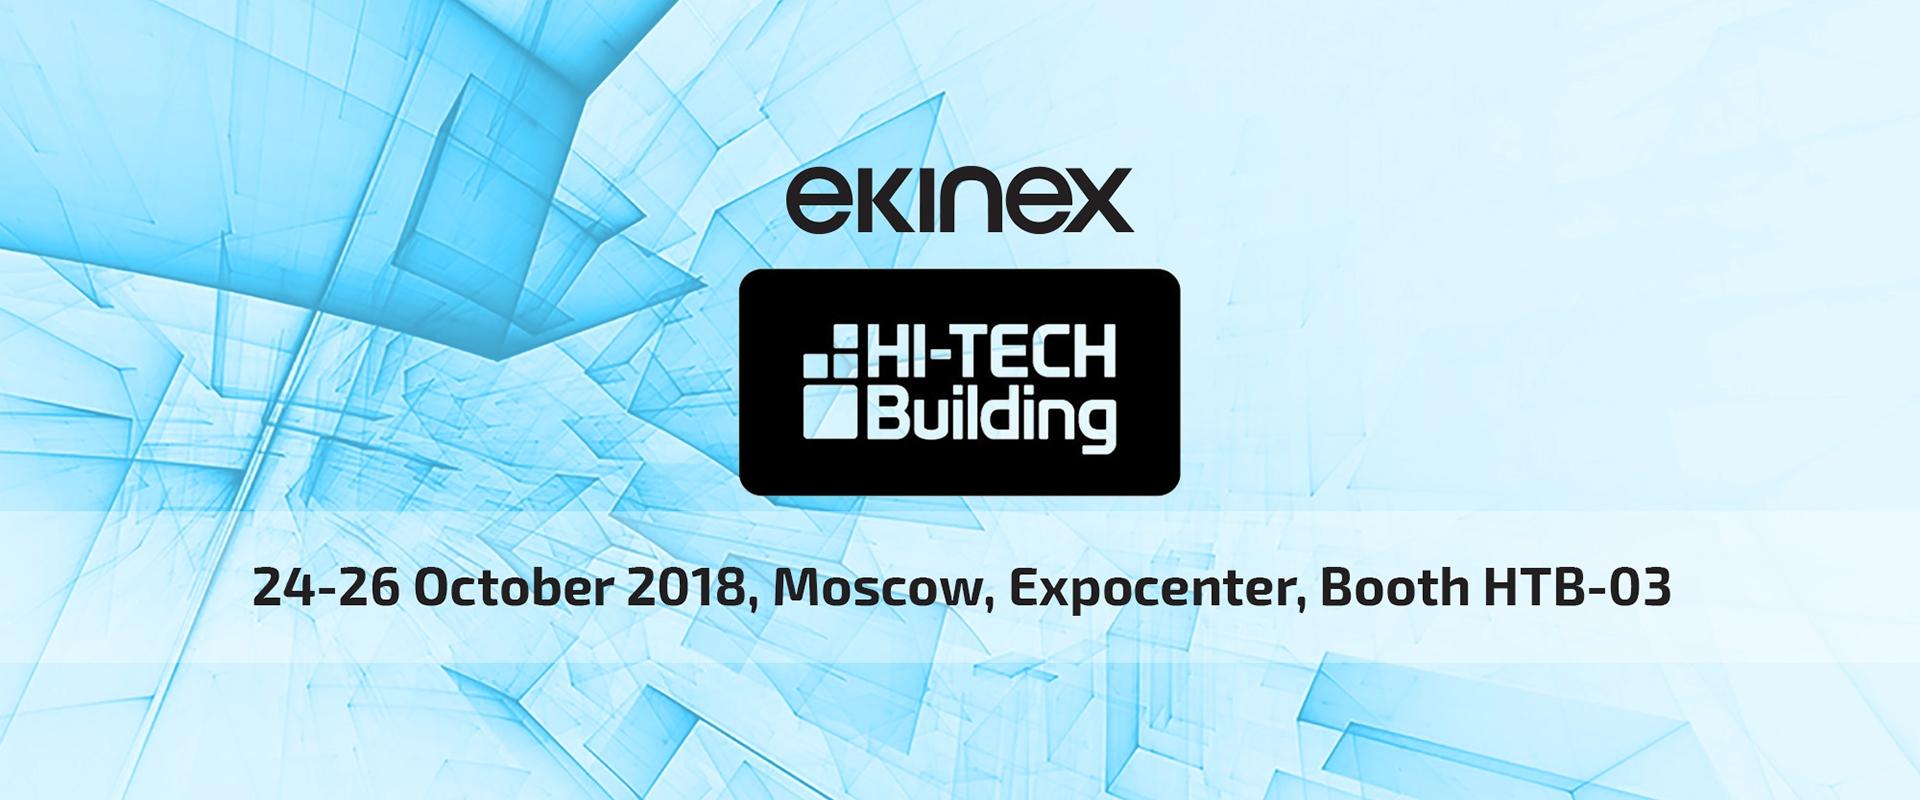 HI-TECH BUILDING Mosca 2018